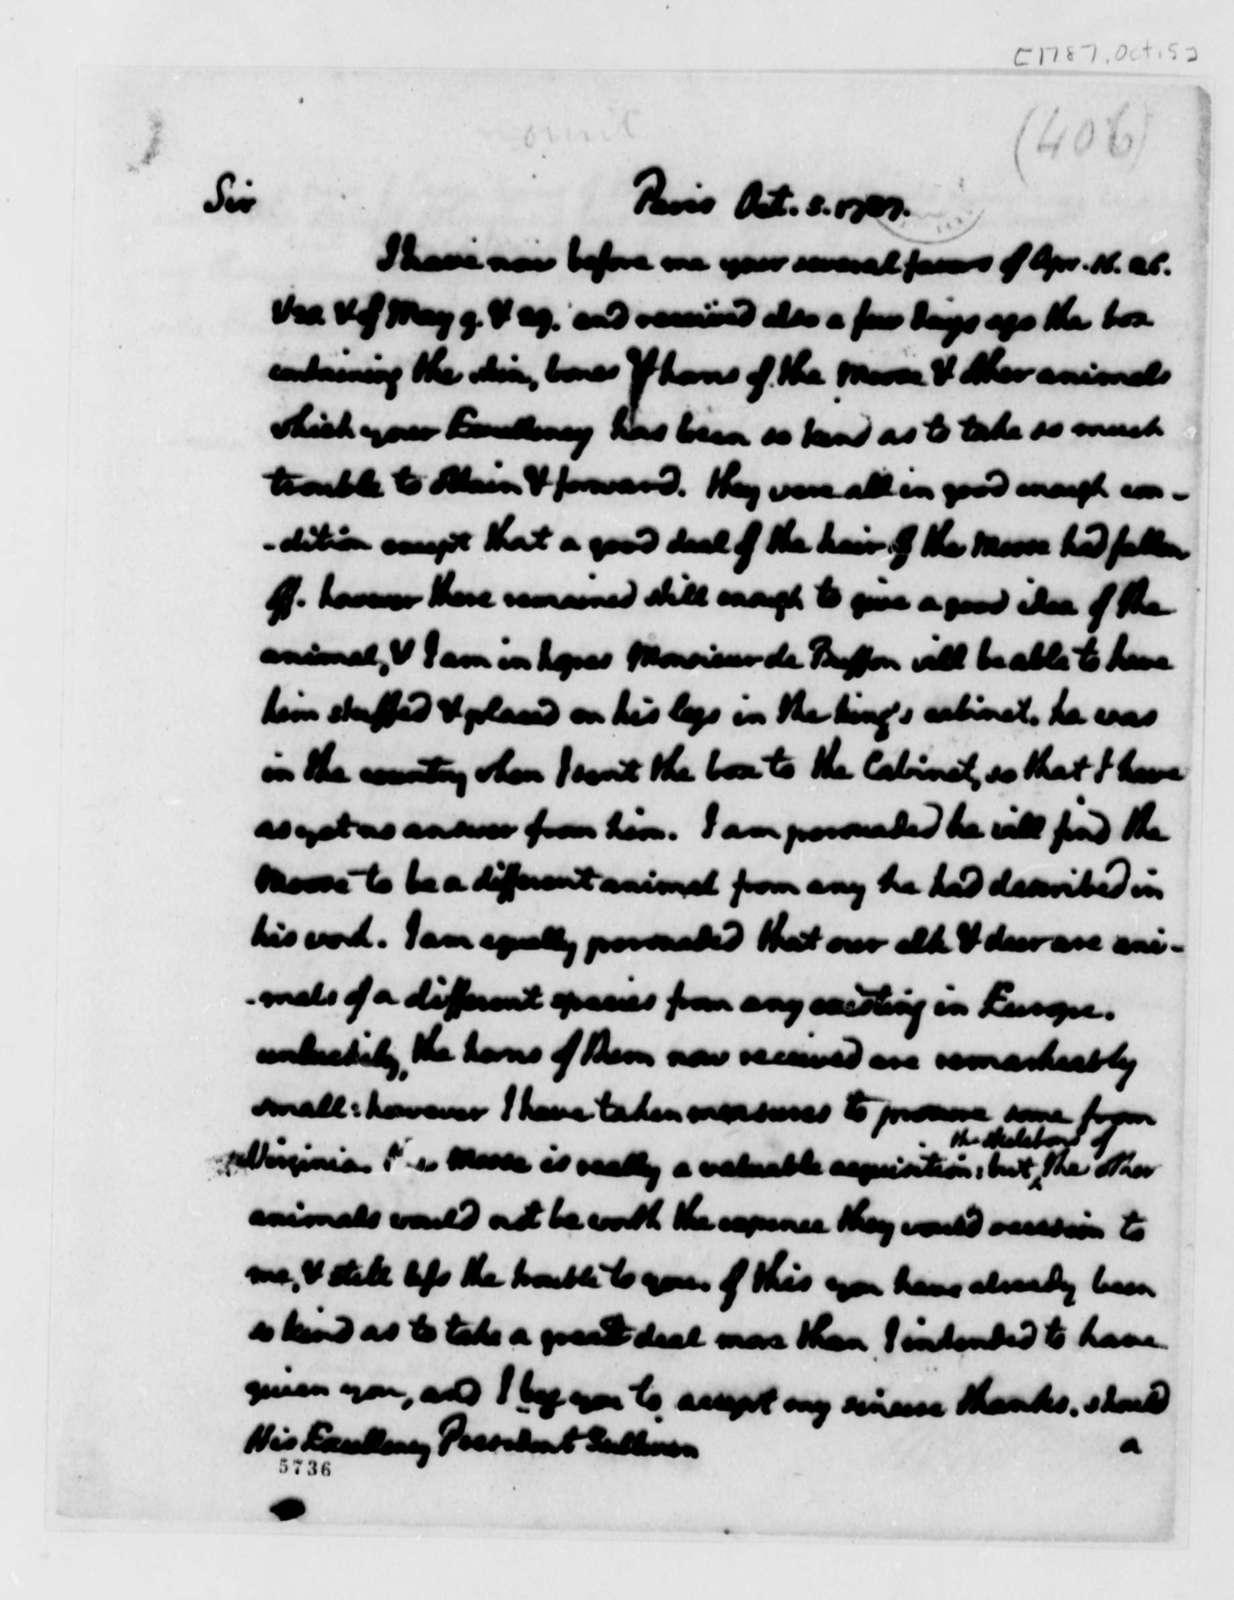 Thomas Jefferson to John Sullivan, October 5, 1787